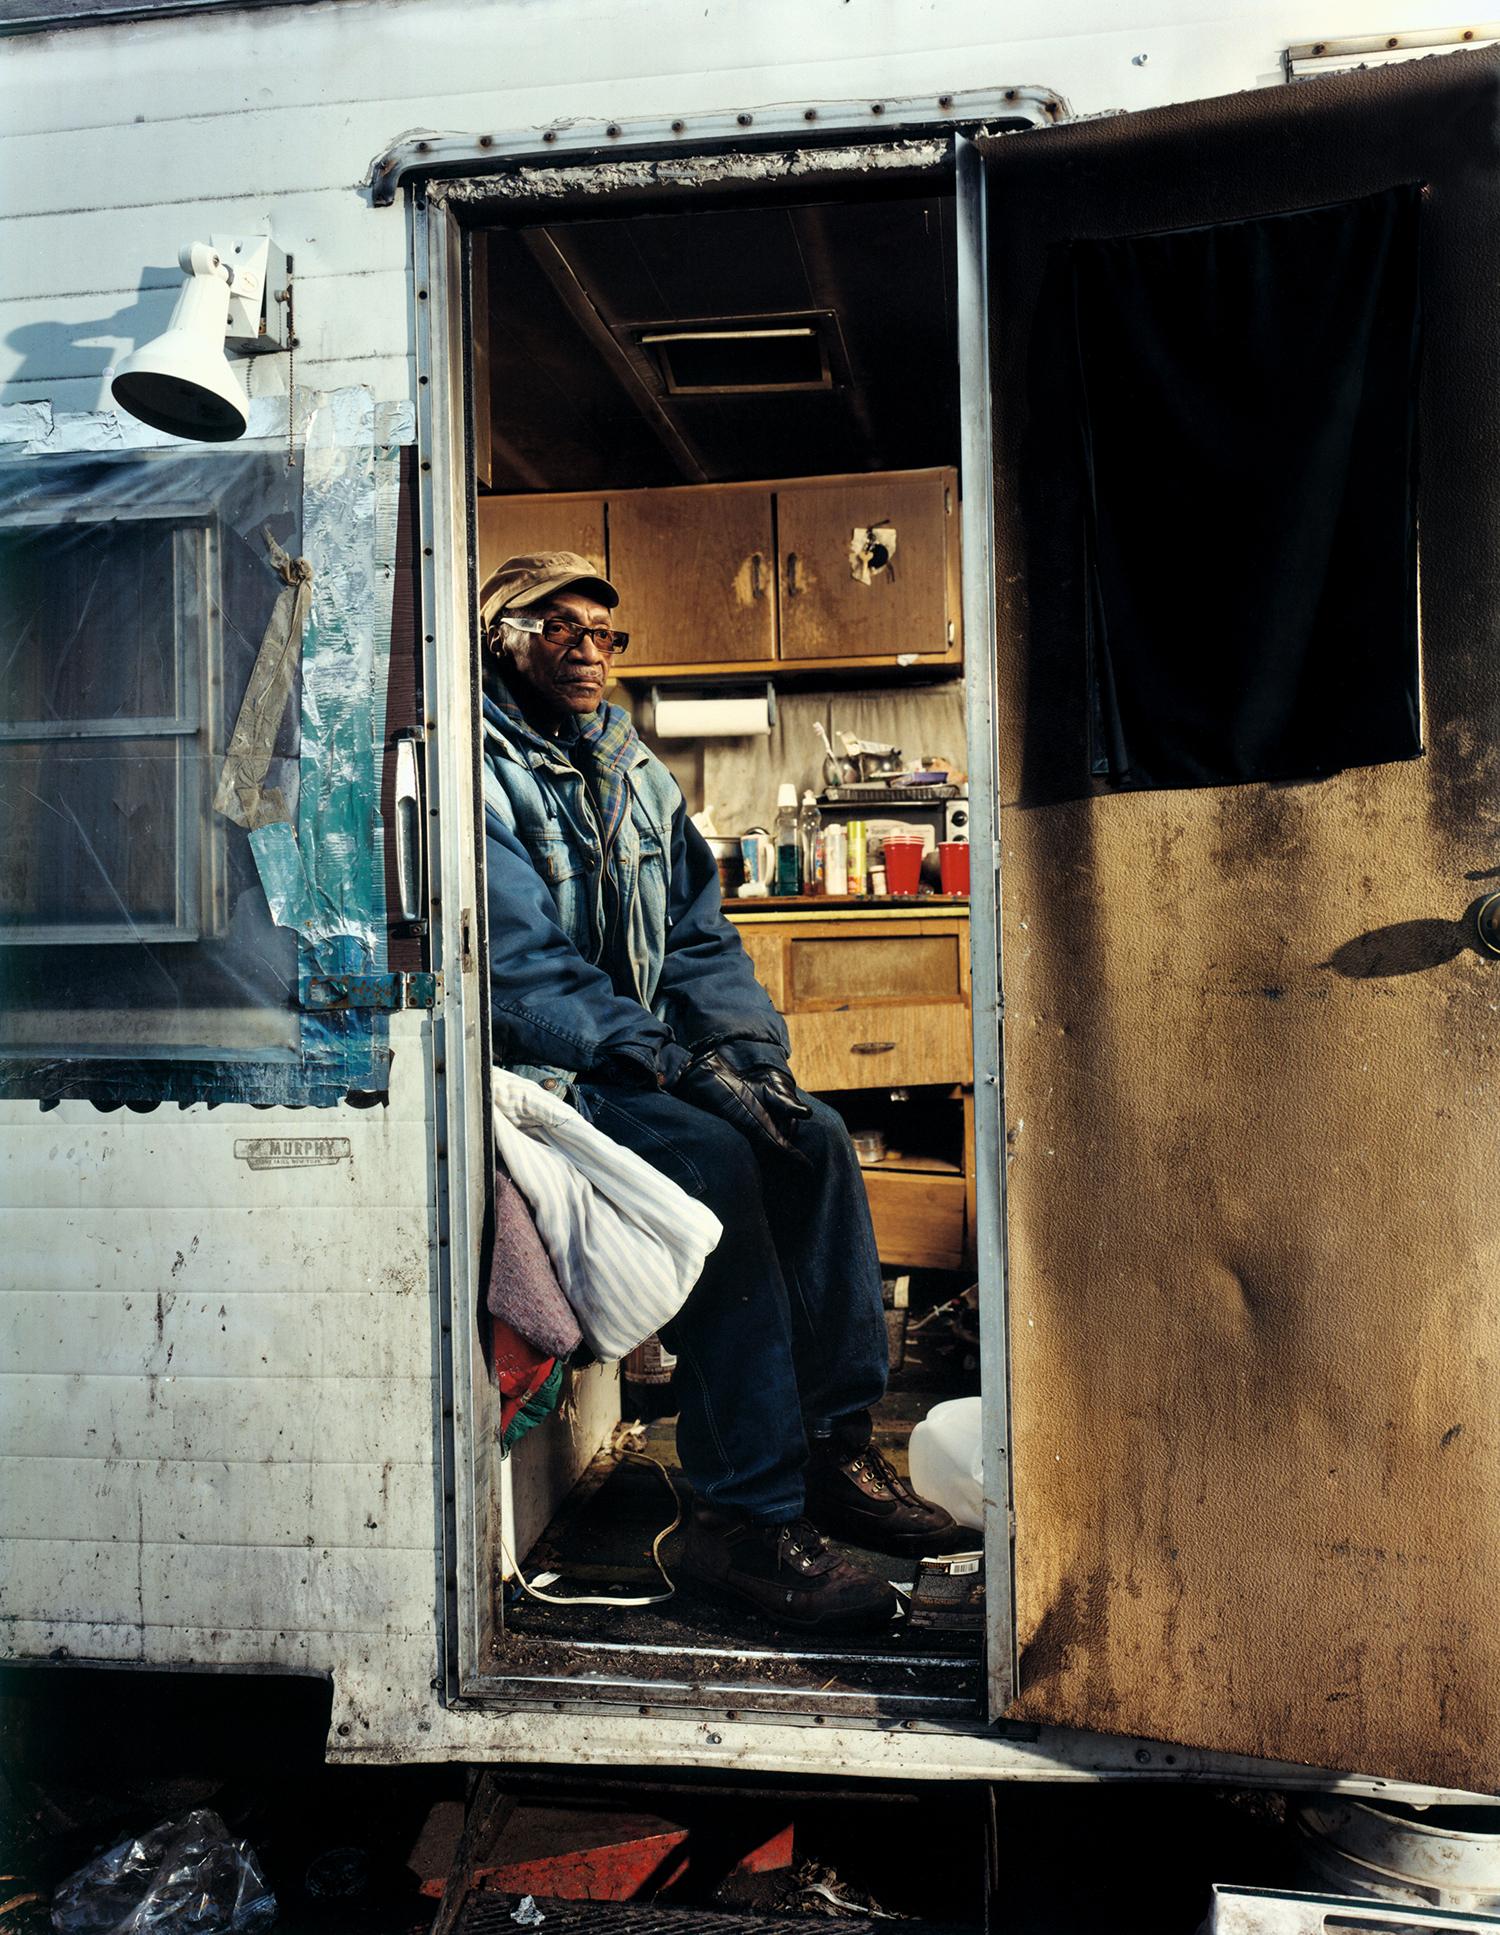 Robert - homeless man - Bronx, NY